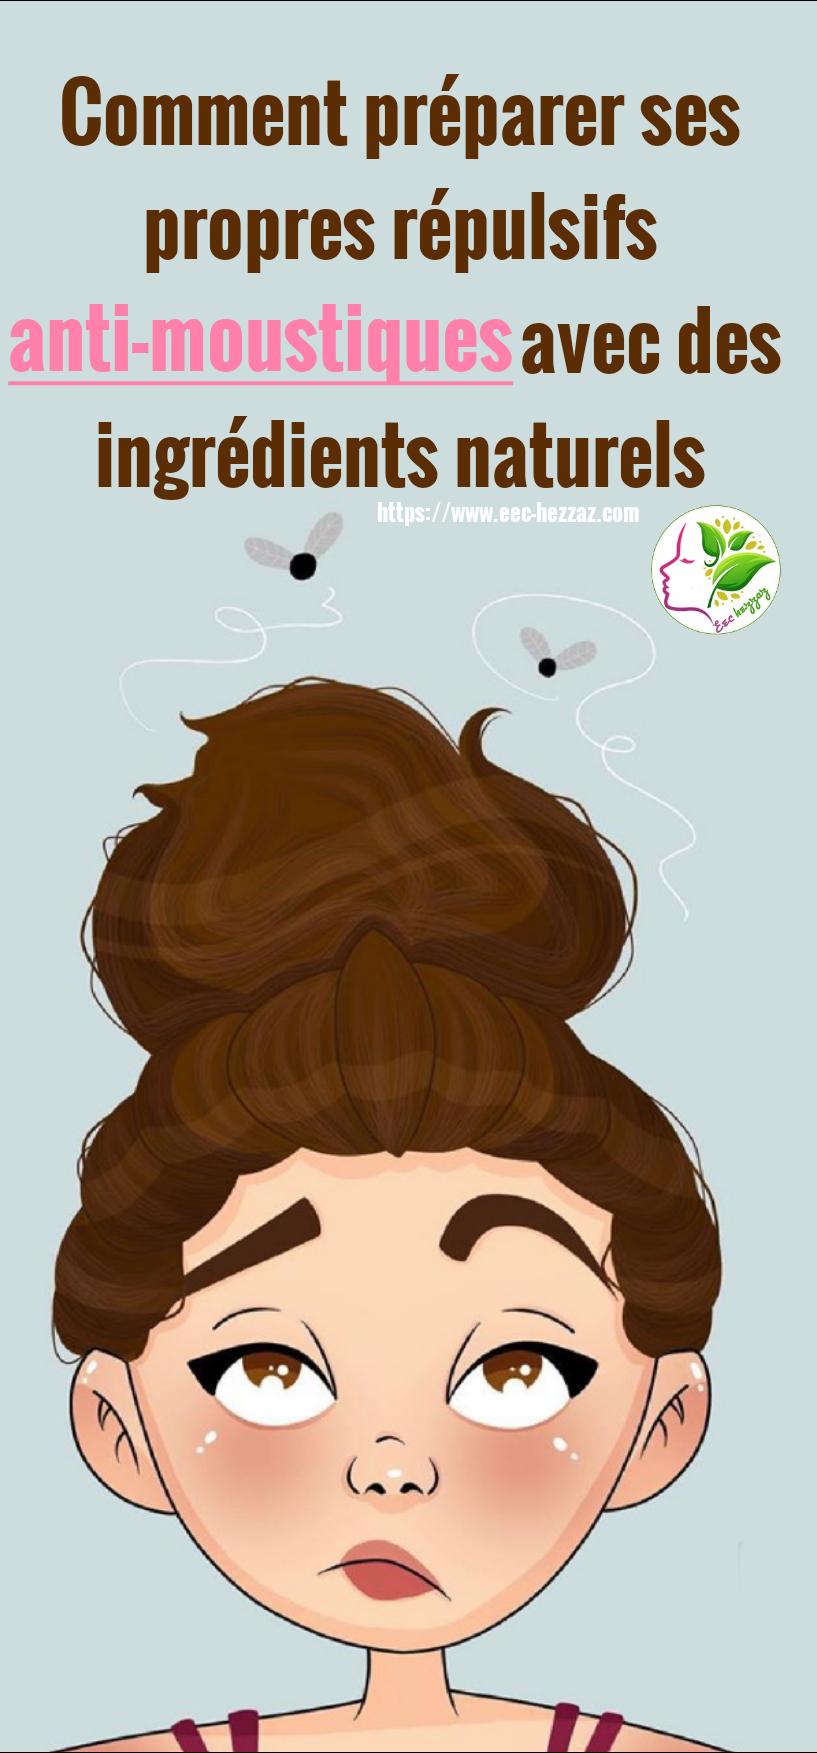 Comment préparer ses propres répulsifs anti-moustiques avec des ingrédients naturels